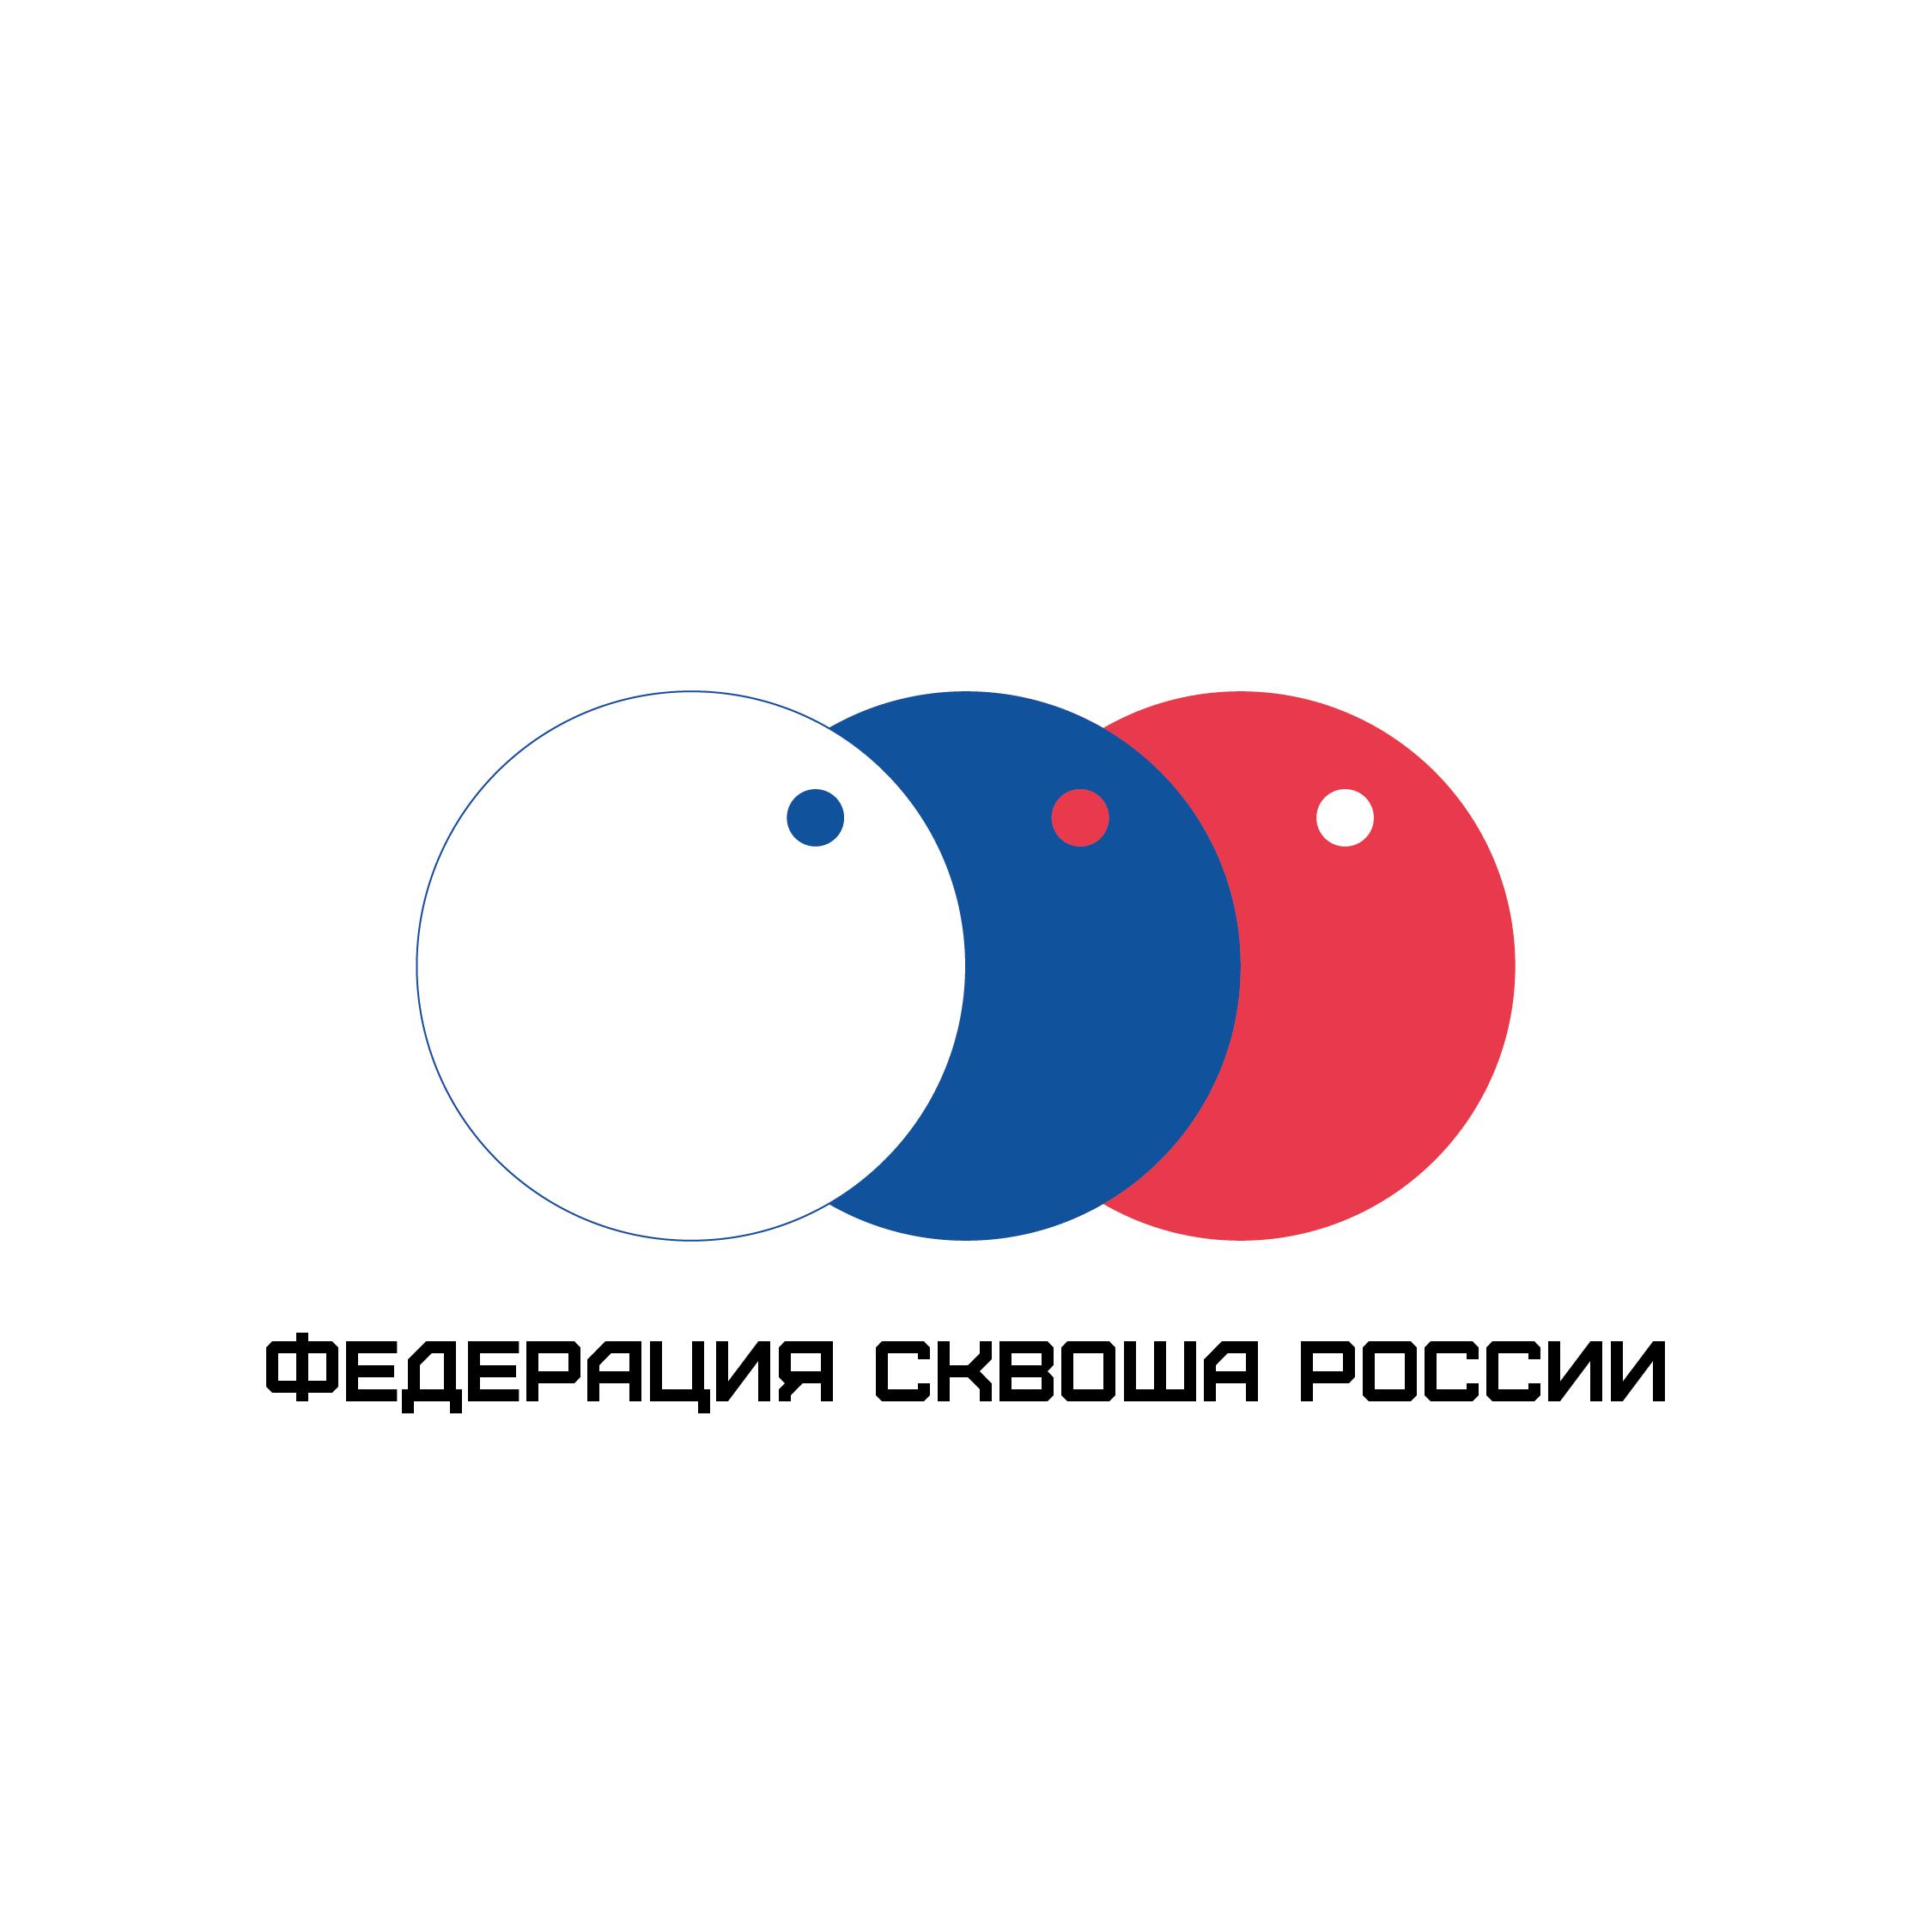 Разработать логотип для Федерации сквоша России фото f_2225f31156b32ac0.png